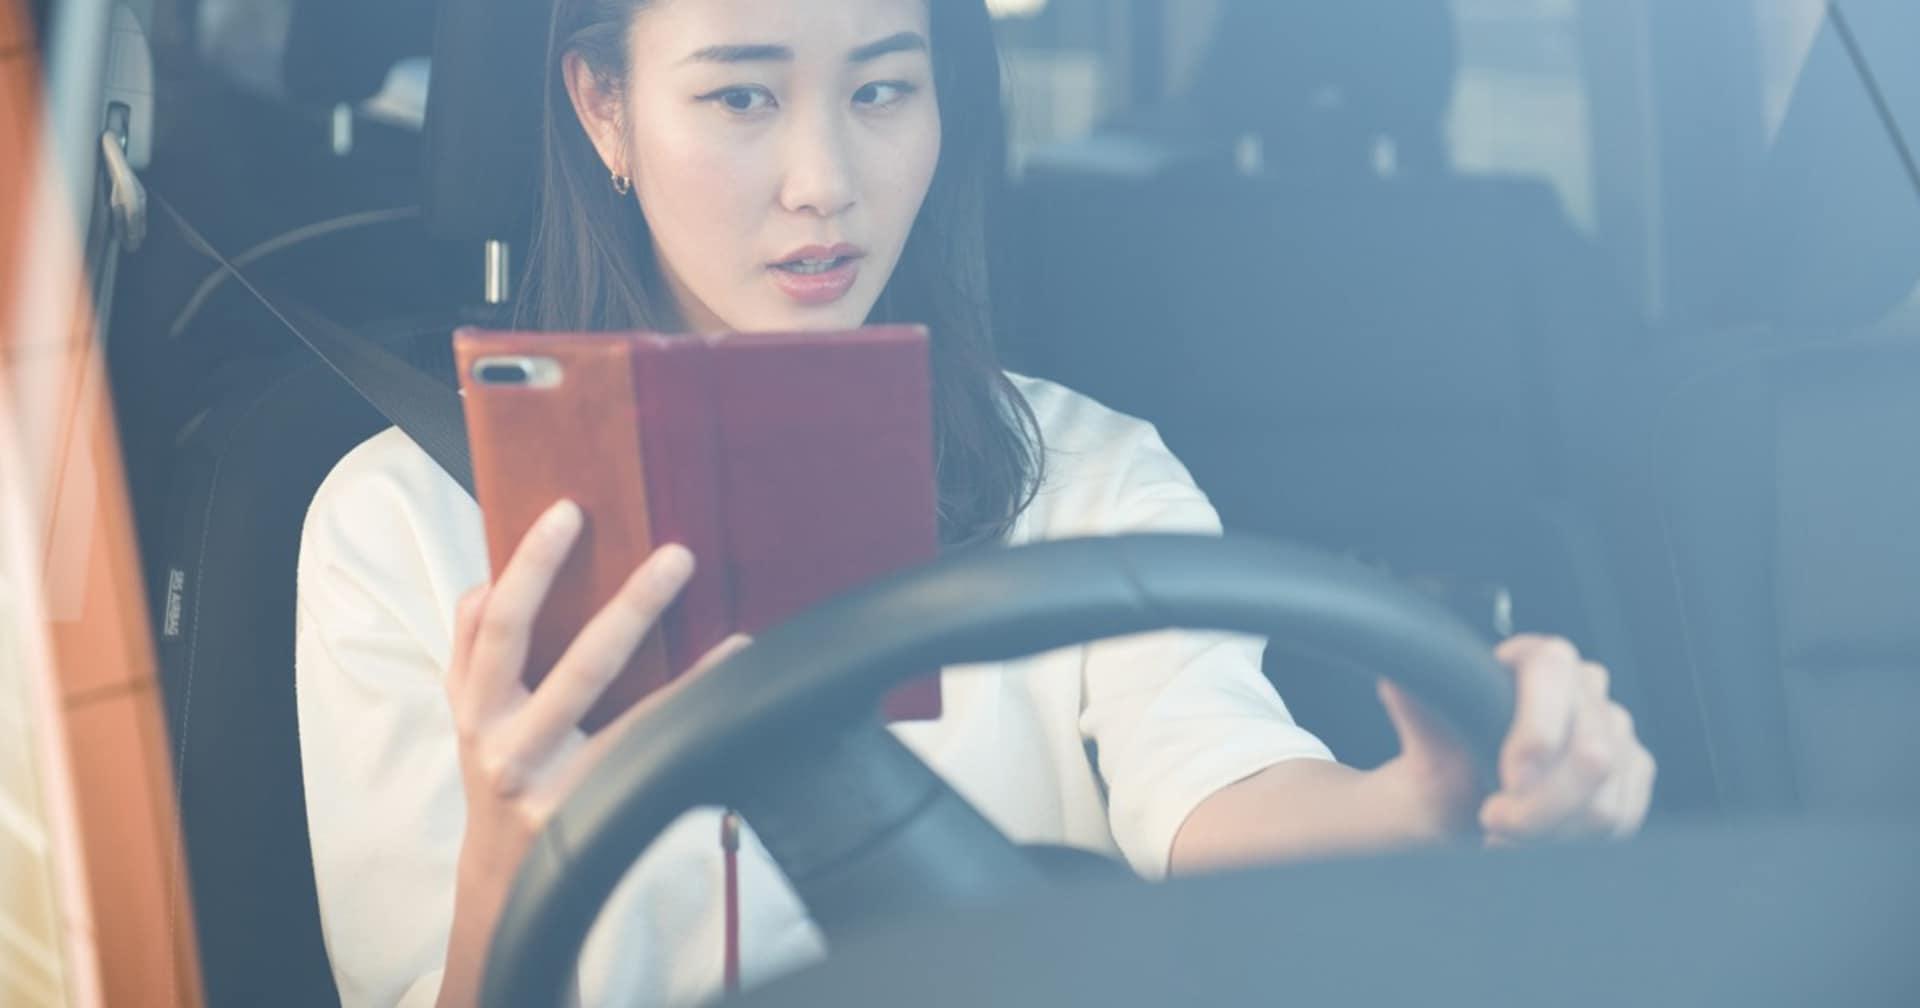 ついに運転中の「ながらスマホ」厳罰化! でも自動運転車だとスマホ使い放題って…どういうこと?